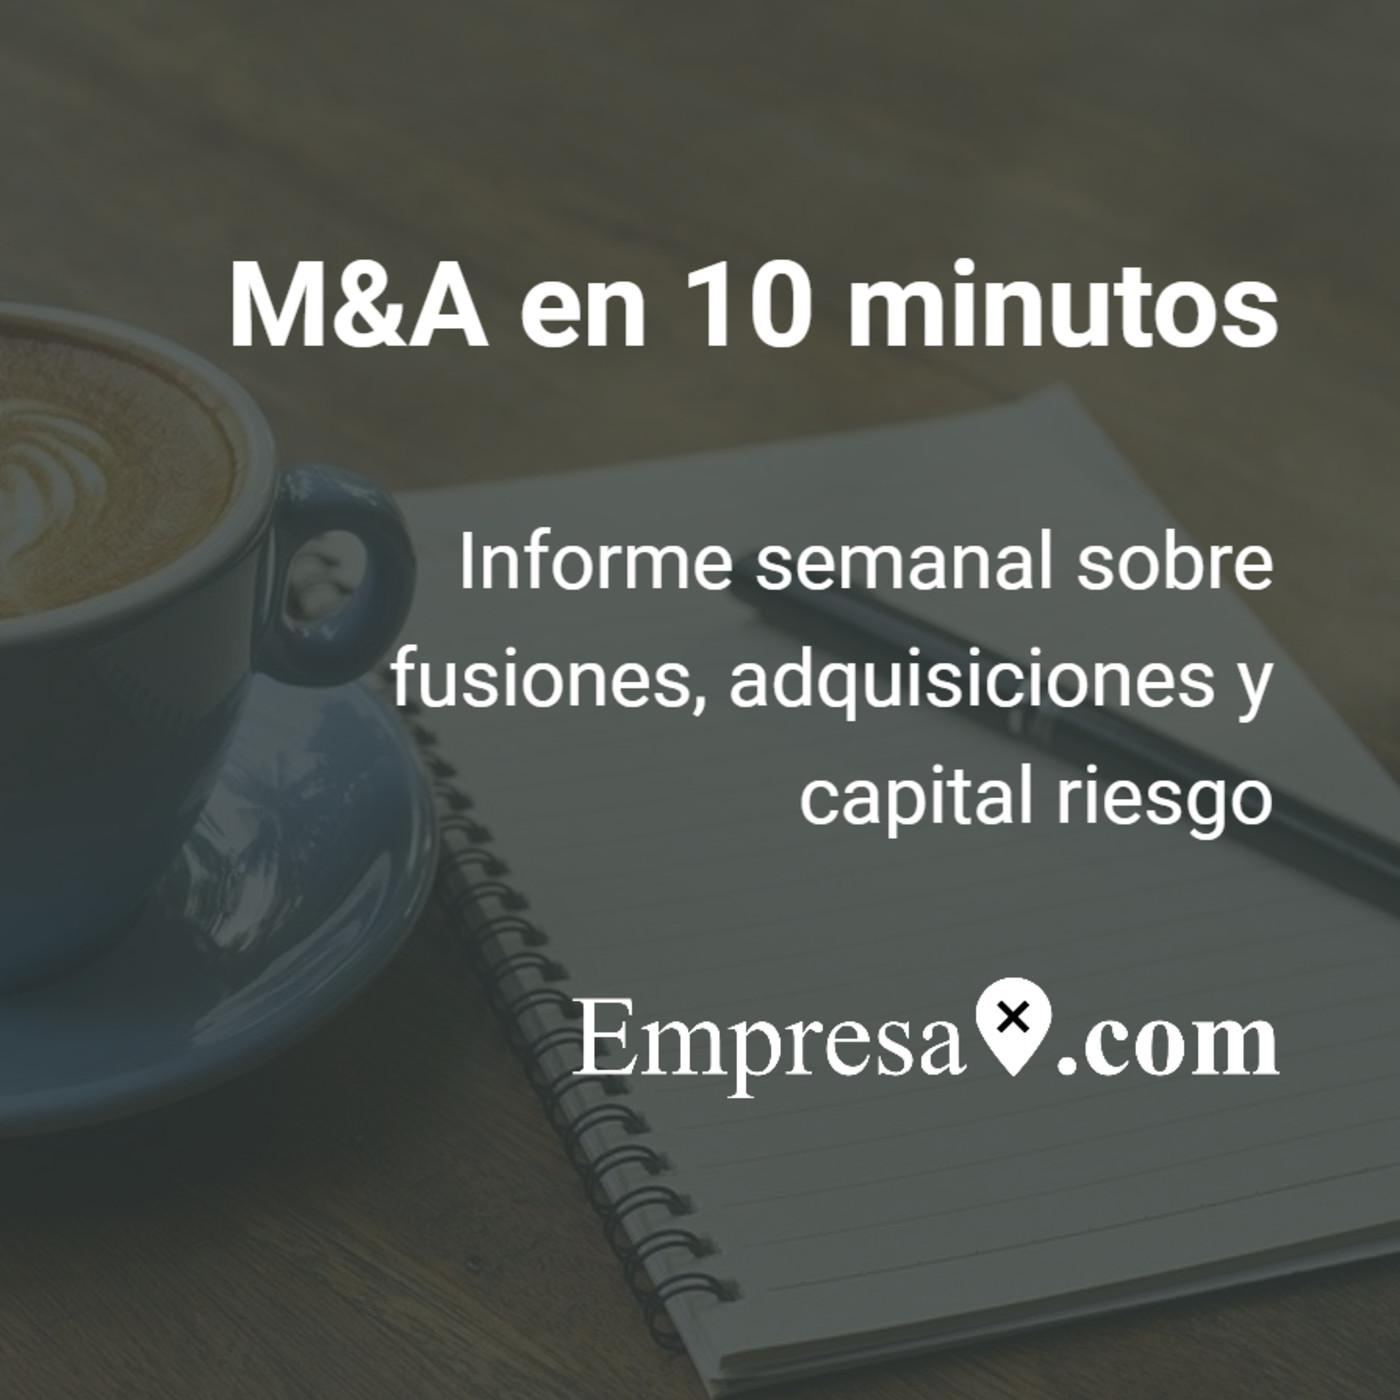 M&A en 10 minutos, con Roberto Martínez, presidente de NBI Bearings Europe